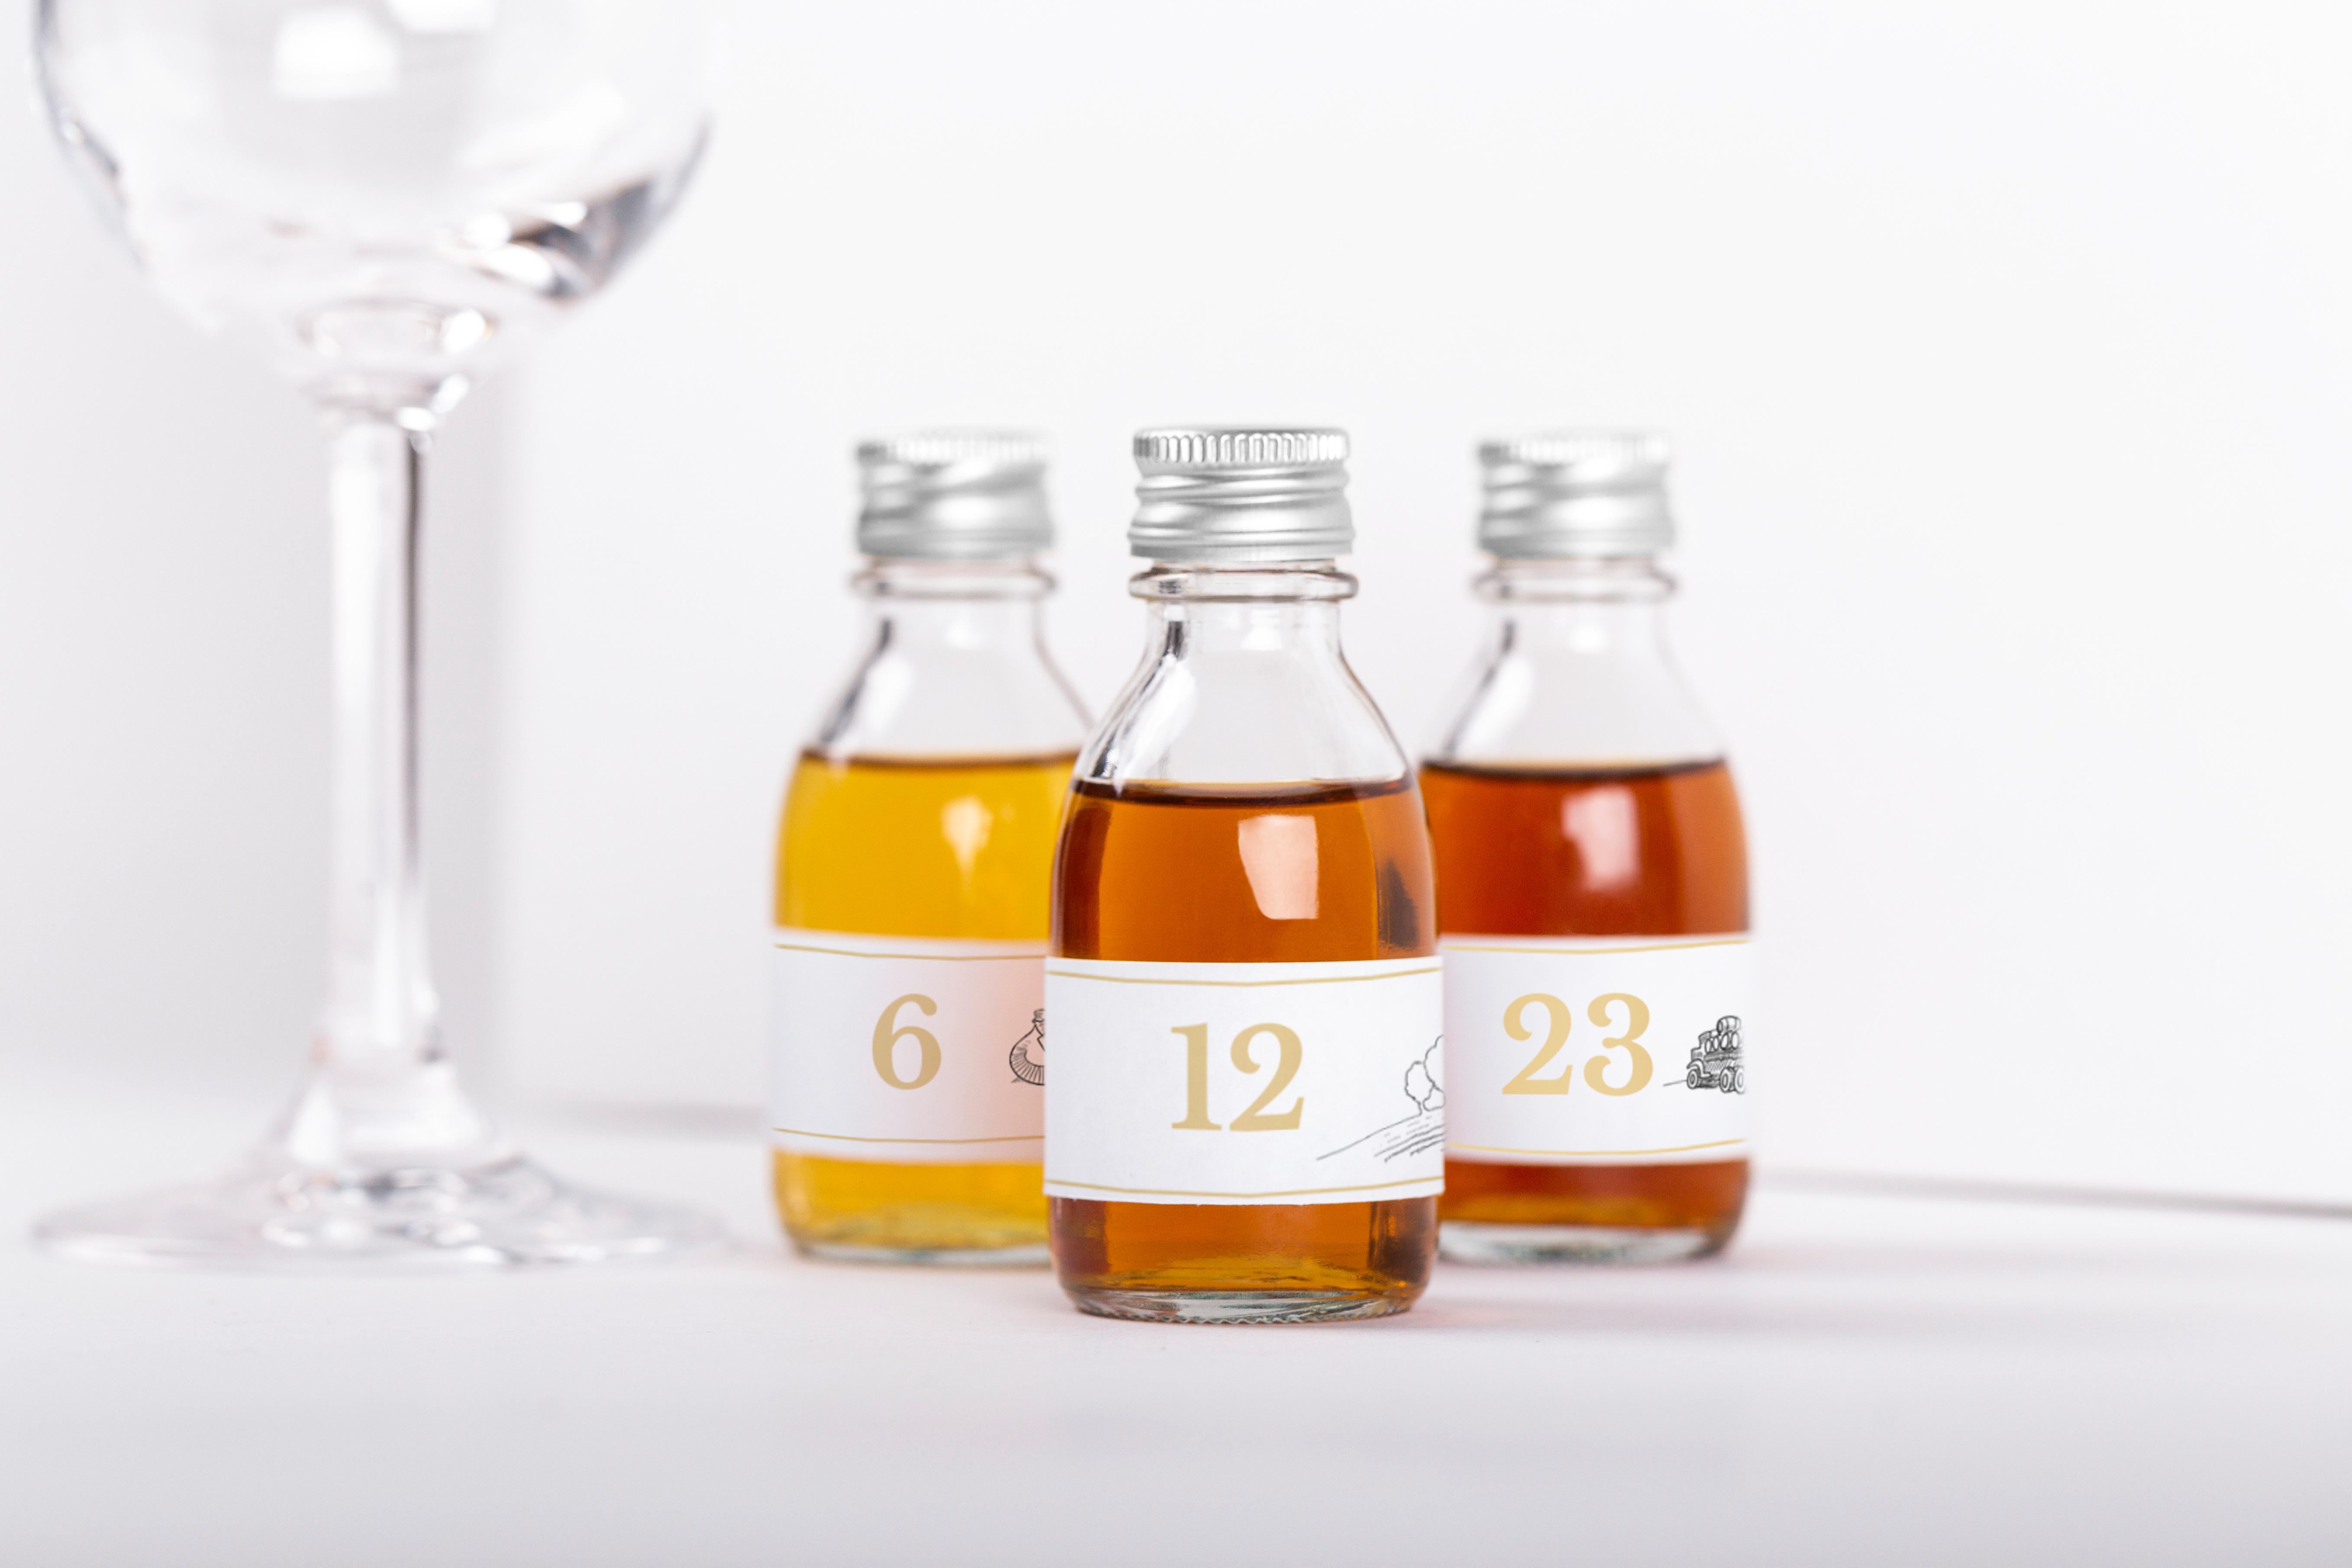 3 cognac sample bottles next to tasting glass